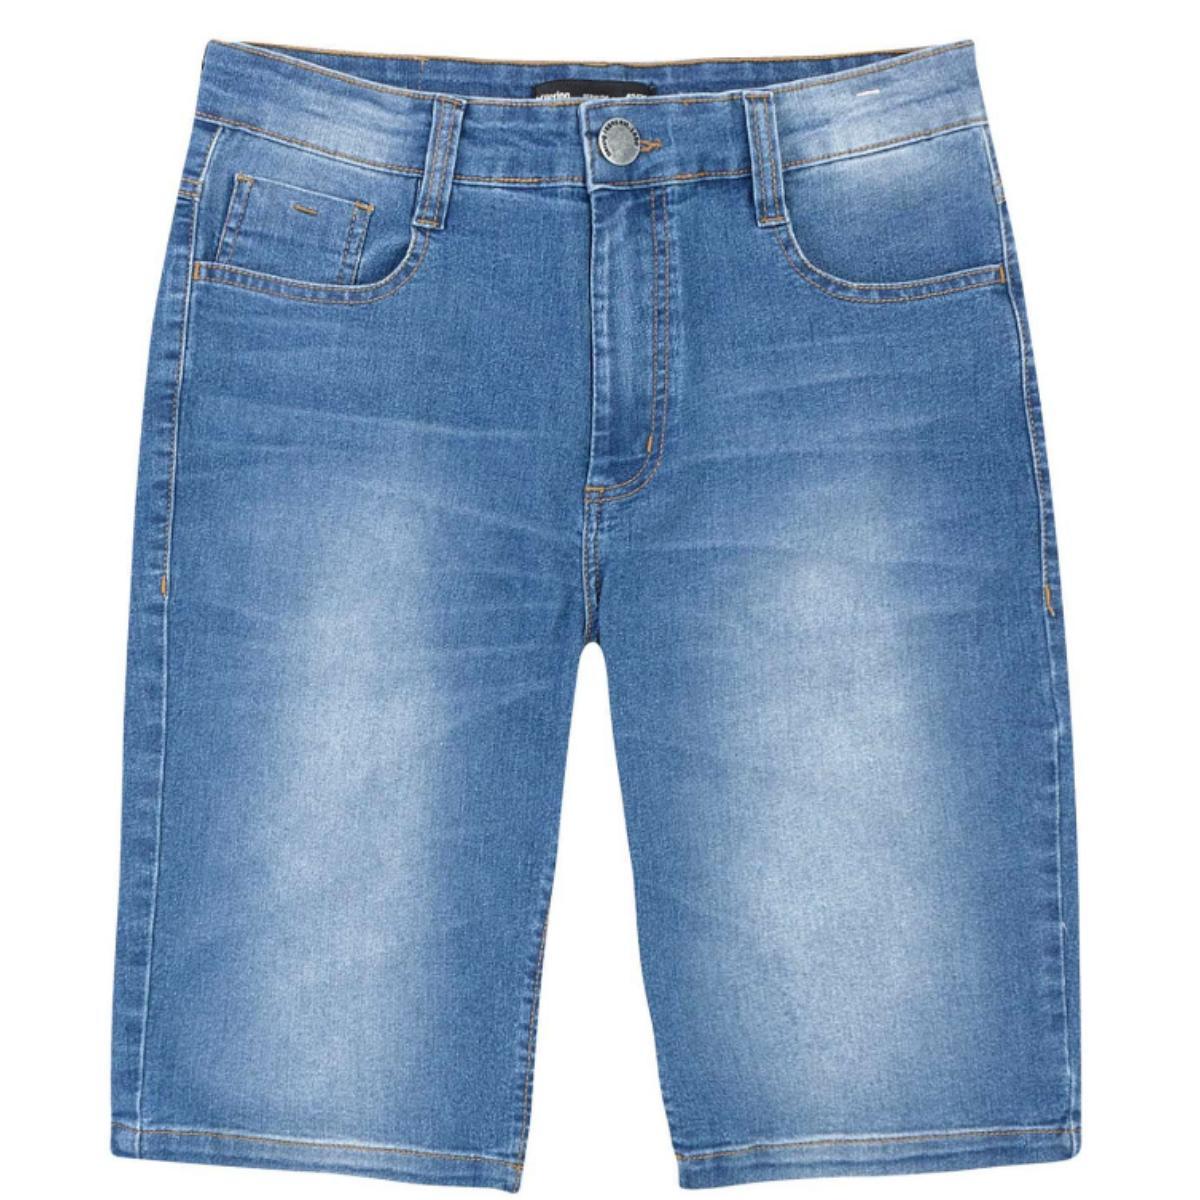 Bermuda Masculina Hering H4a4 Pdkej Jeans Claro